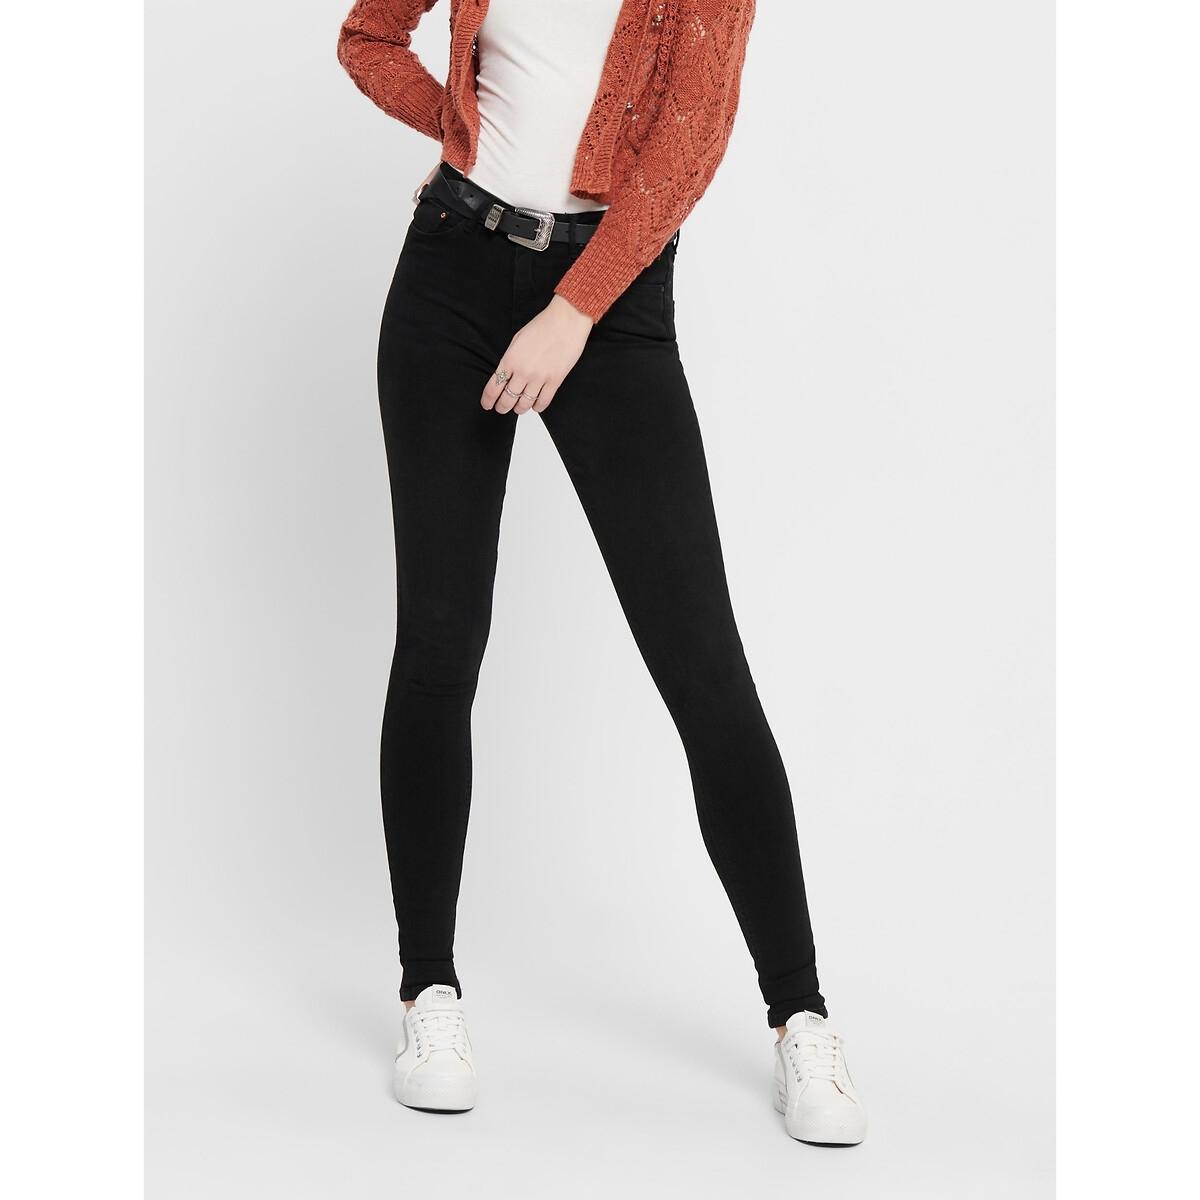 Фото - Джинсы LaRedoute Скинни XS / длина 32 черный джинсы laredoute скинни длина 30 s черный